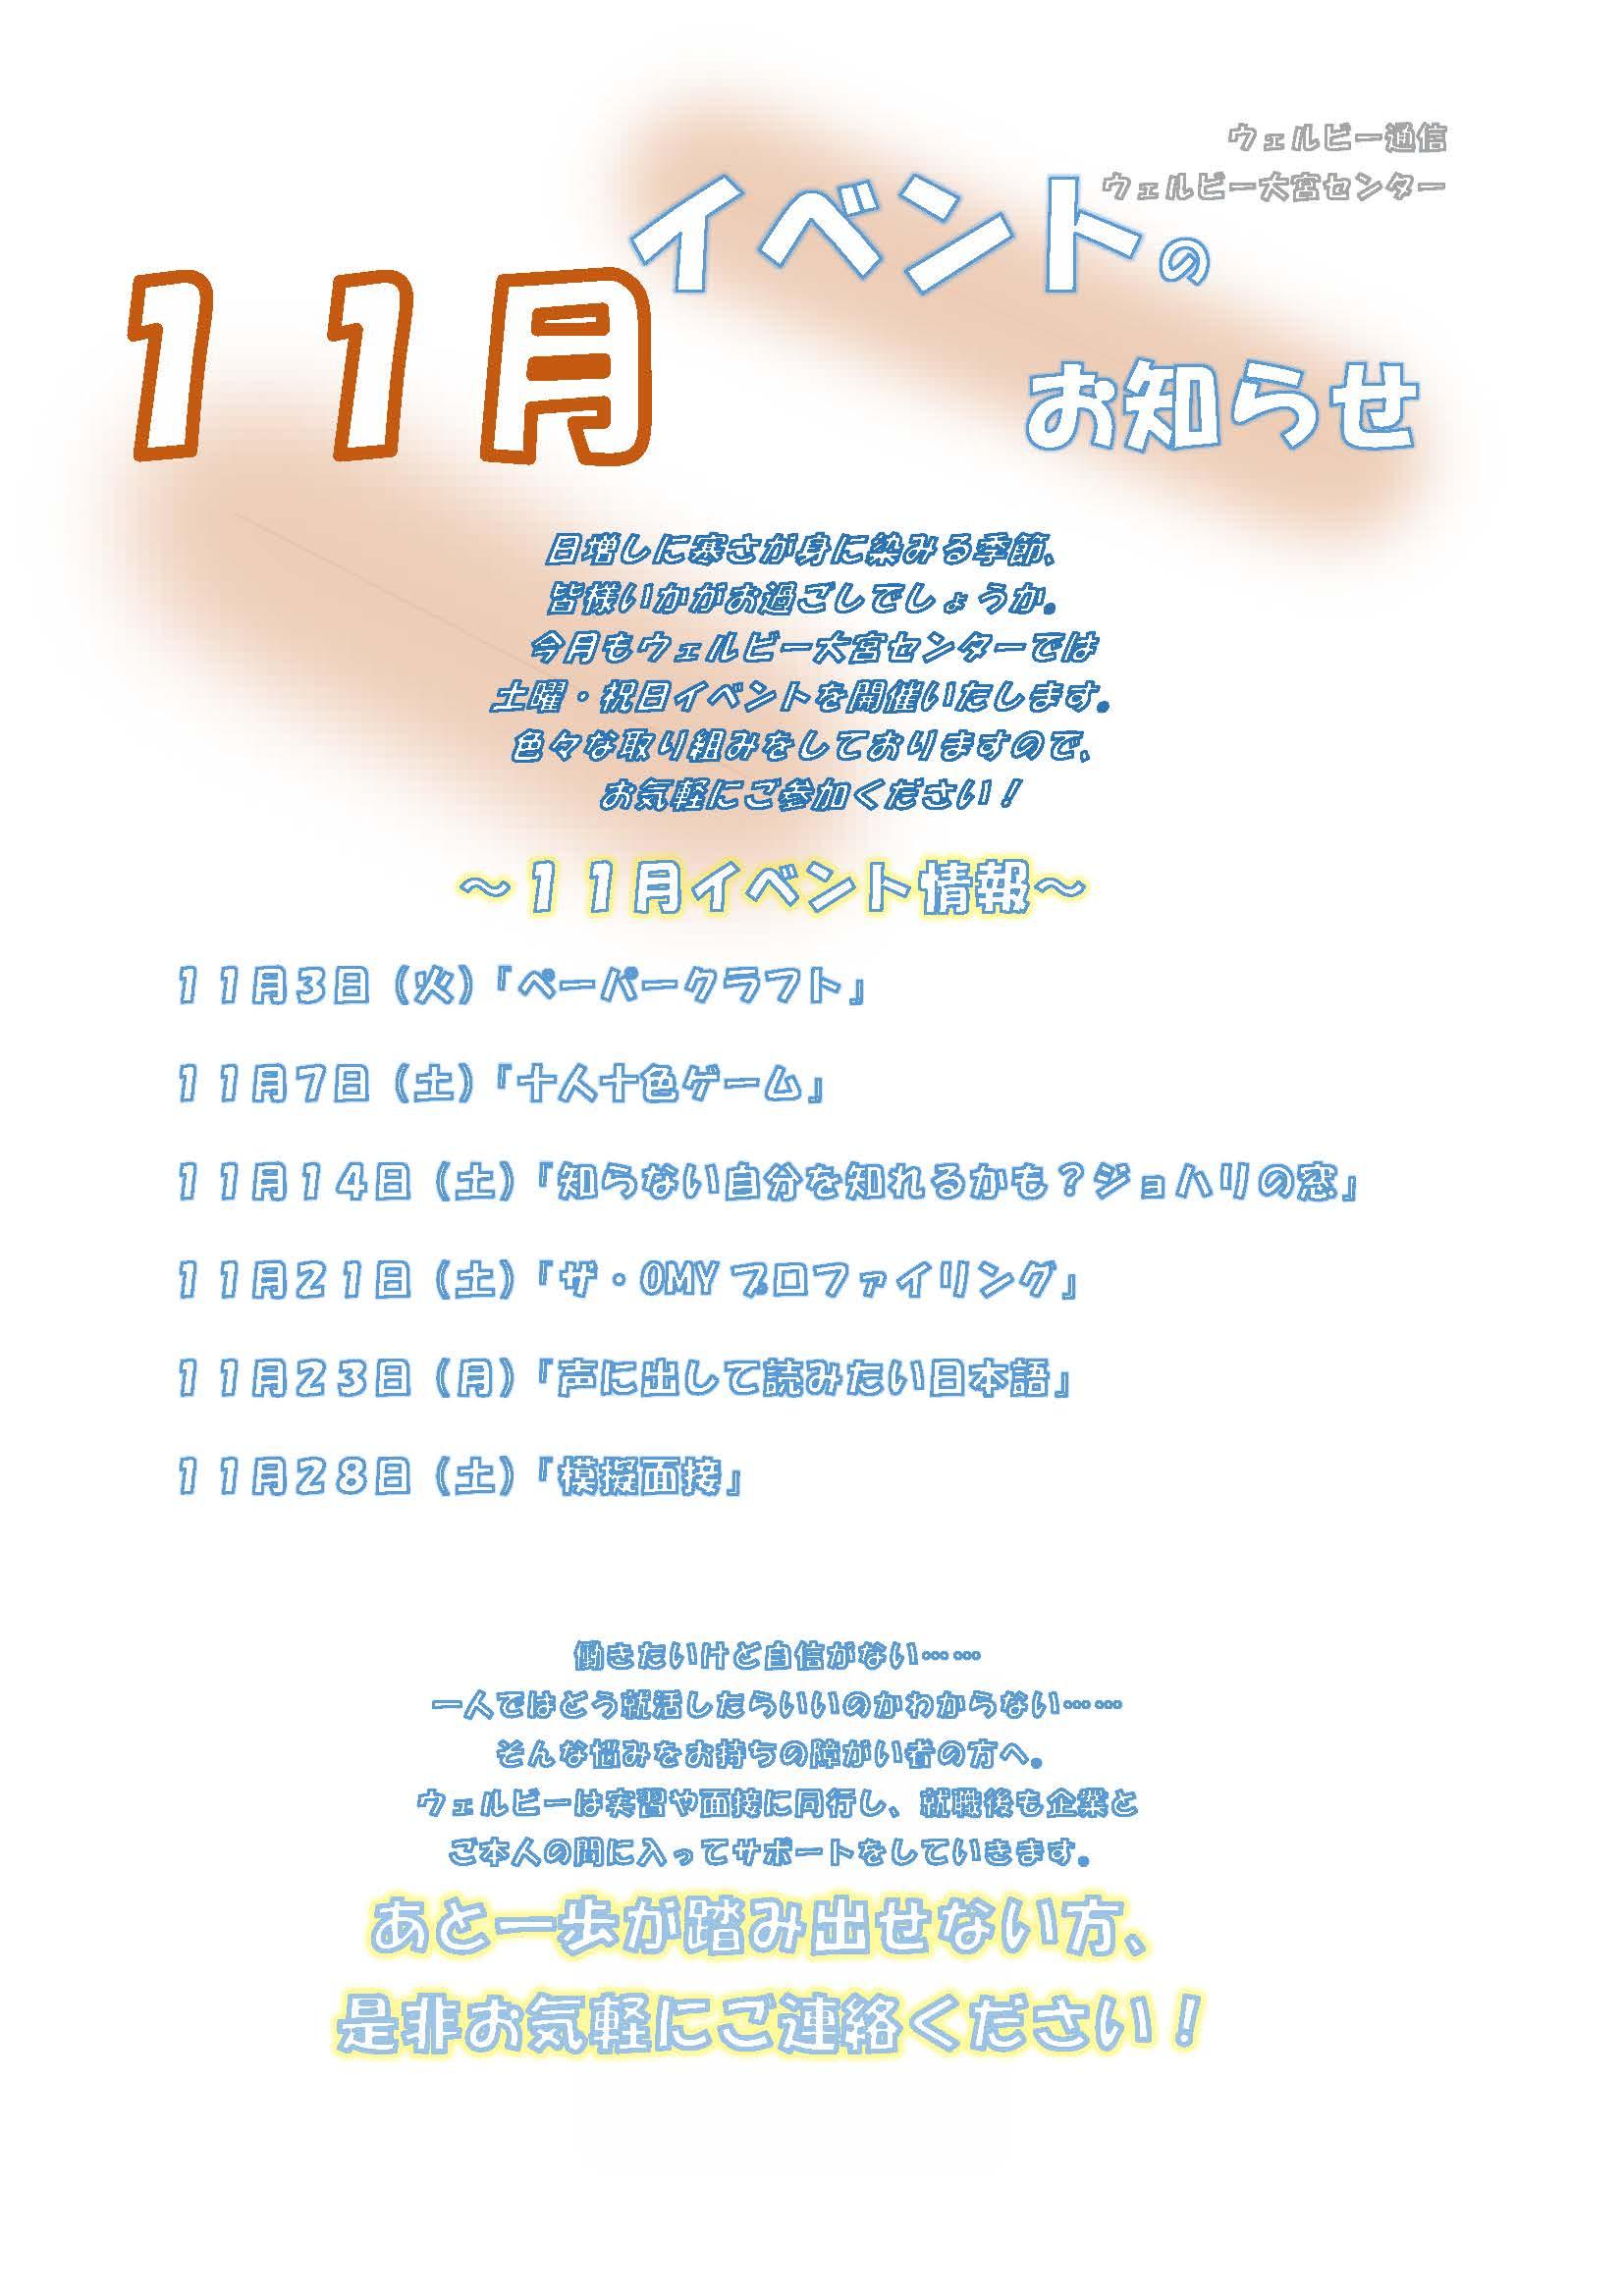 【ブログ用】ウェルビー通信2020年11月